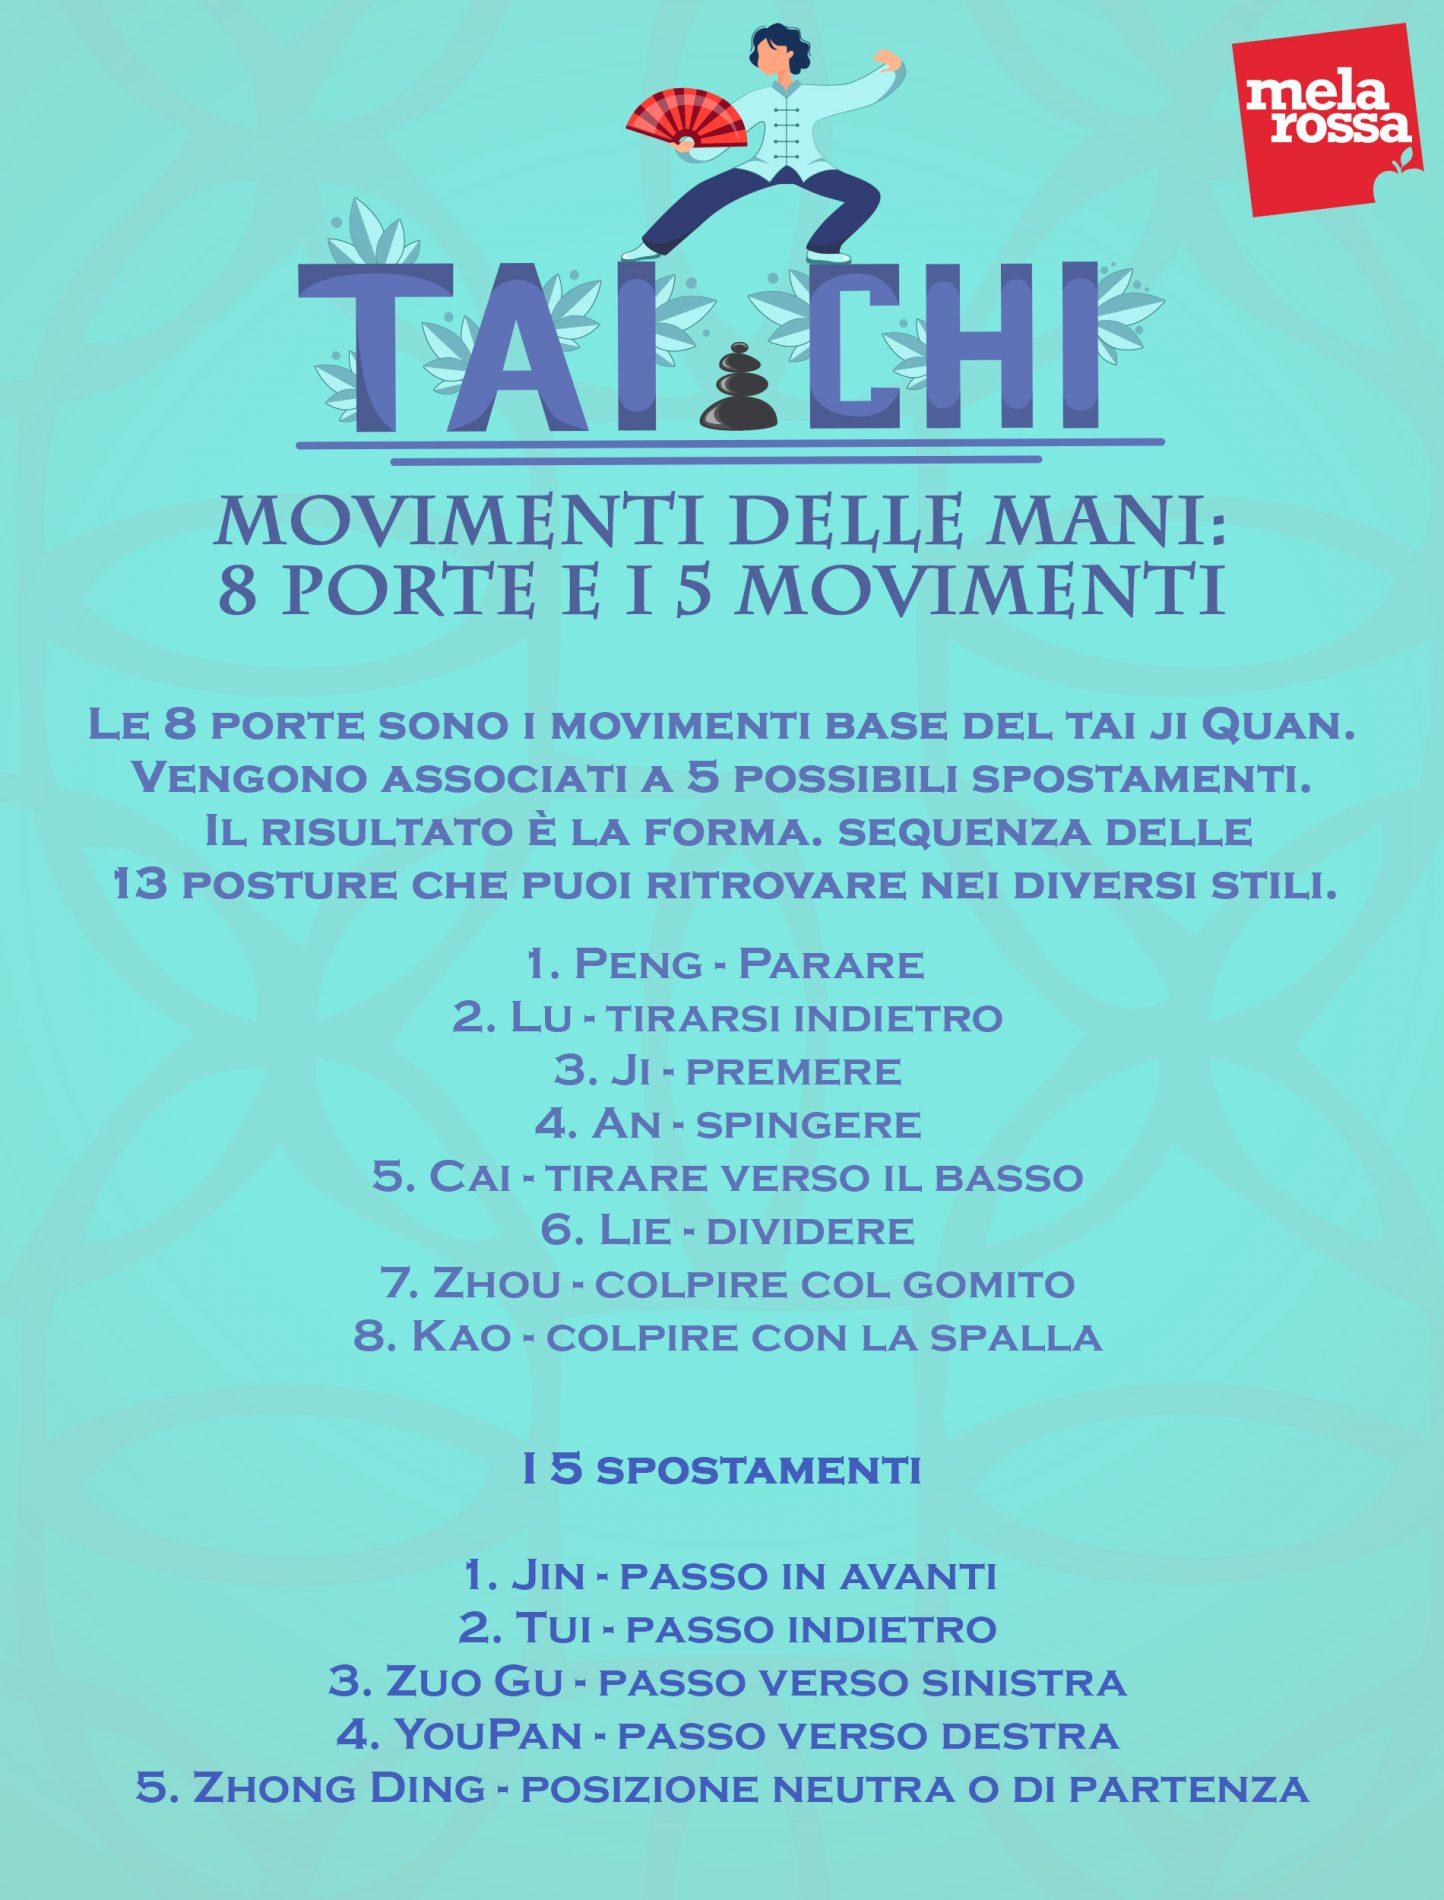 tai chi: movimento delle mani